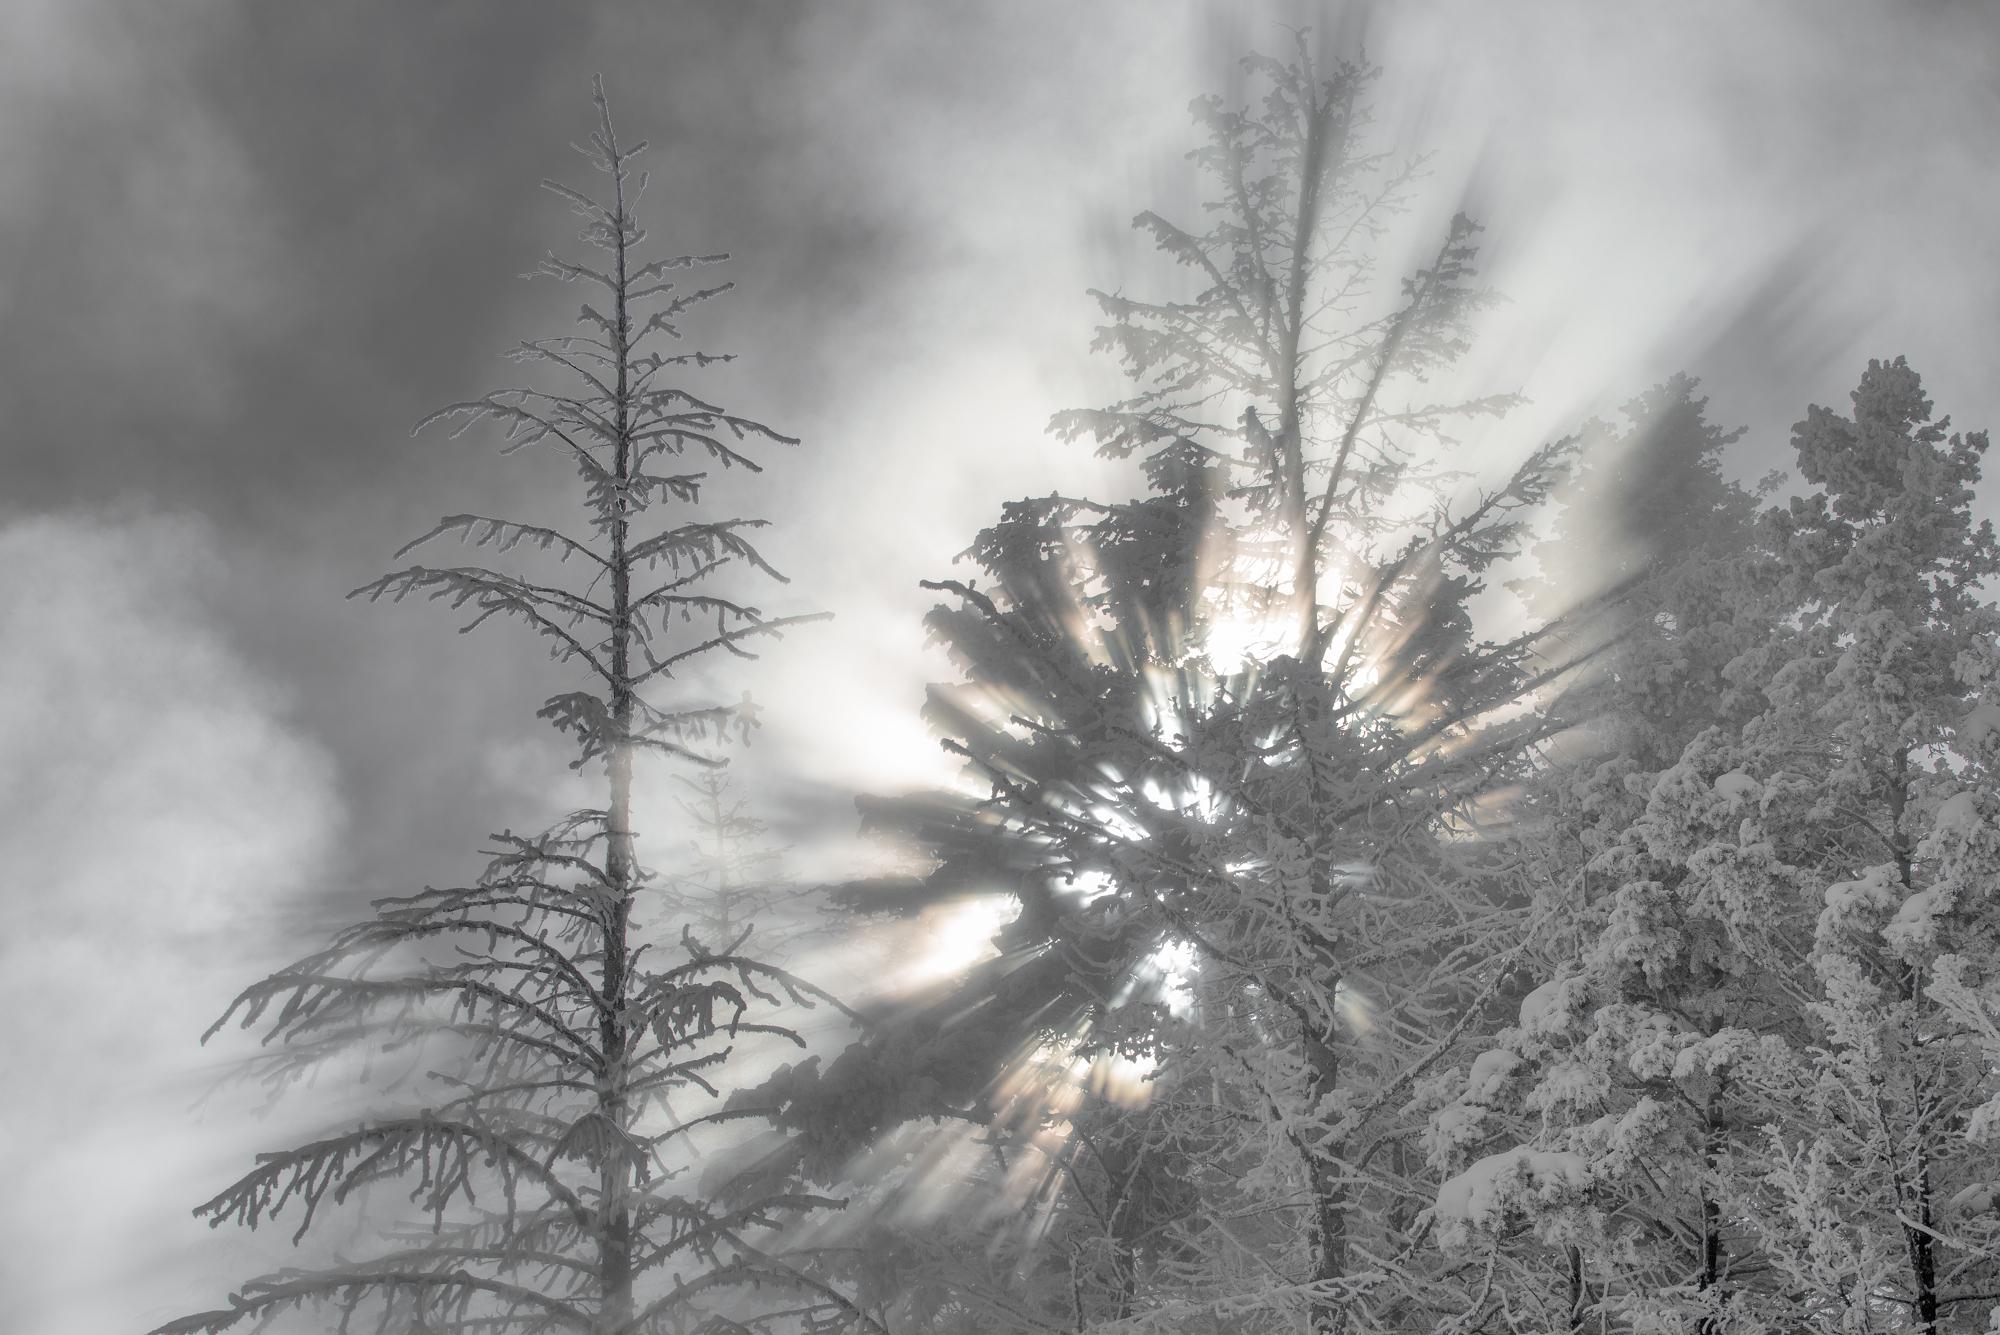 The God rays